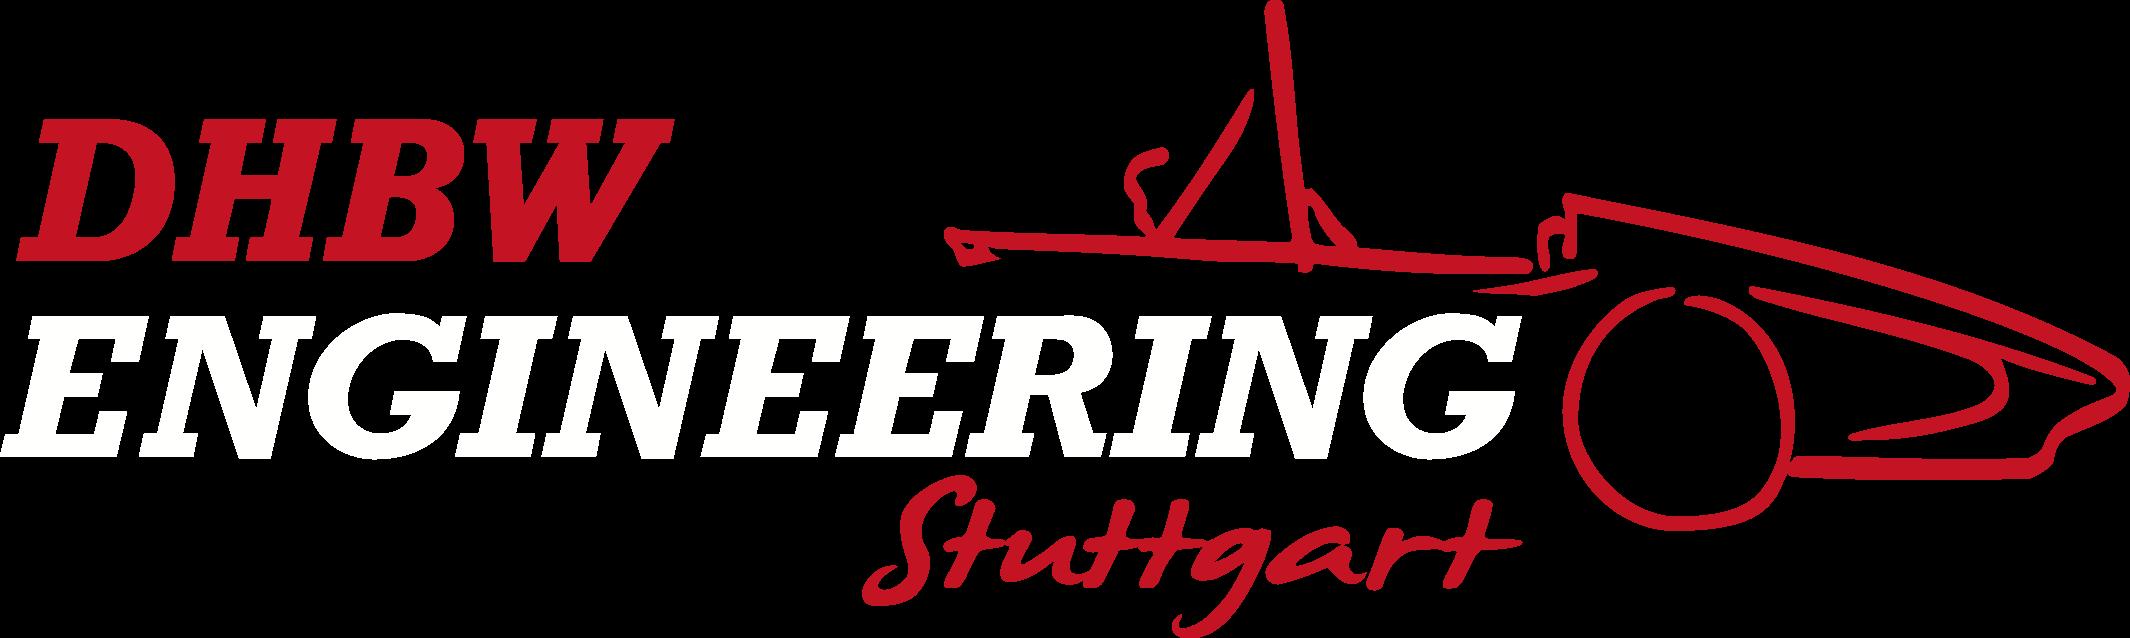 DHBW Engineering Stuttgart e.V.